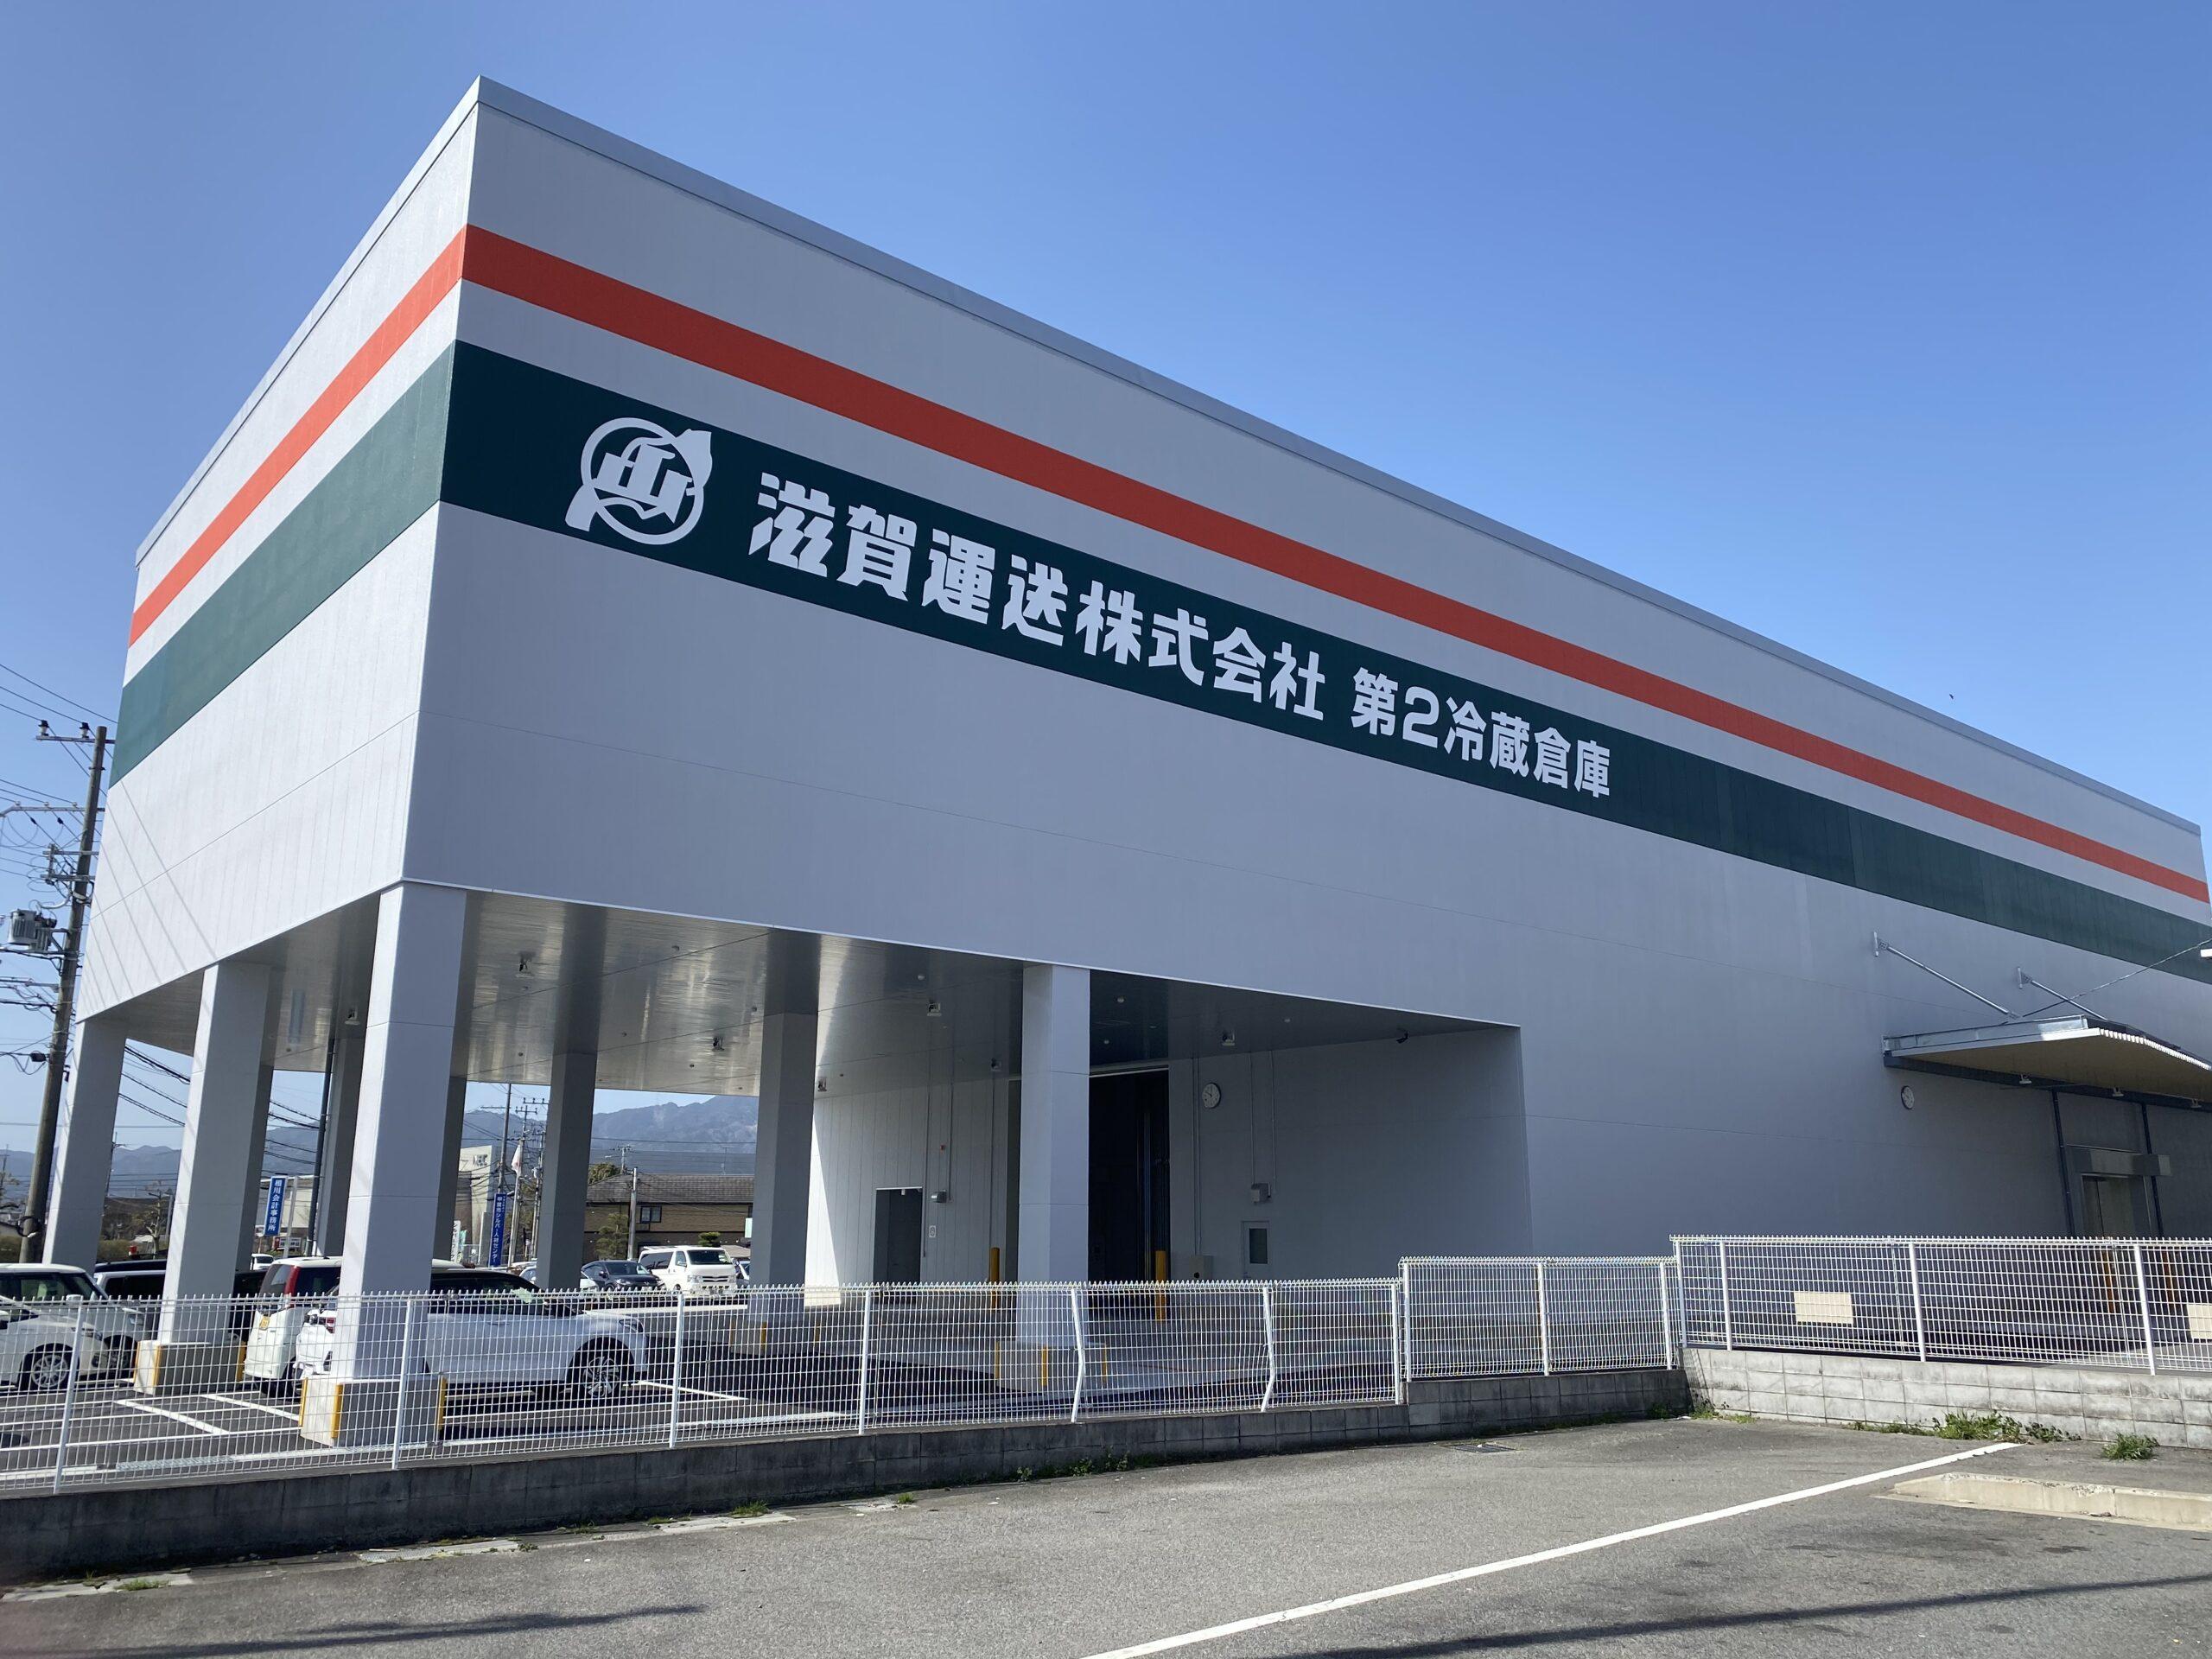 滋賀運送株式会社<br /> 第2冷蔵倉庫